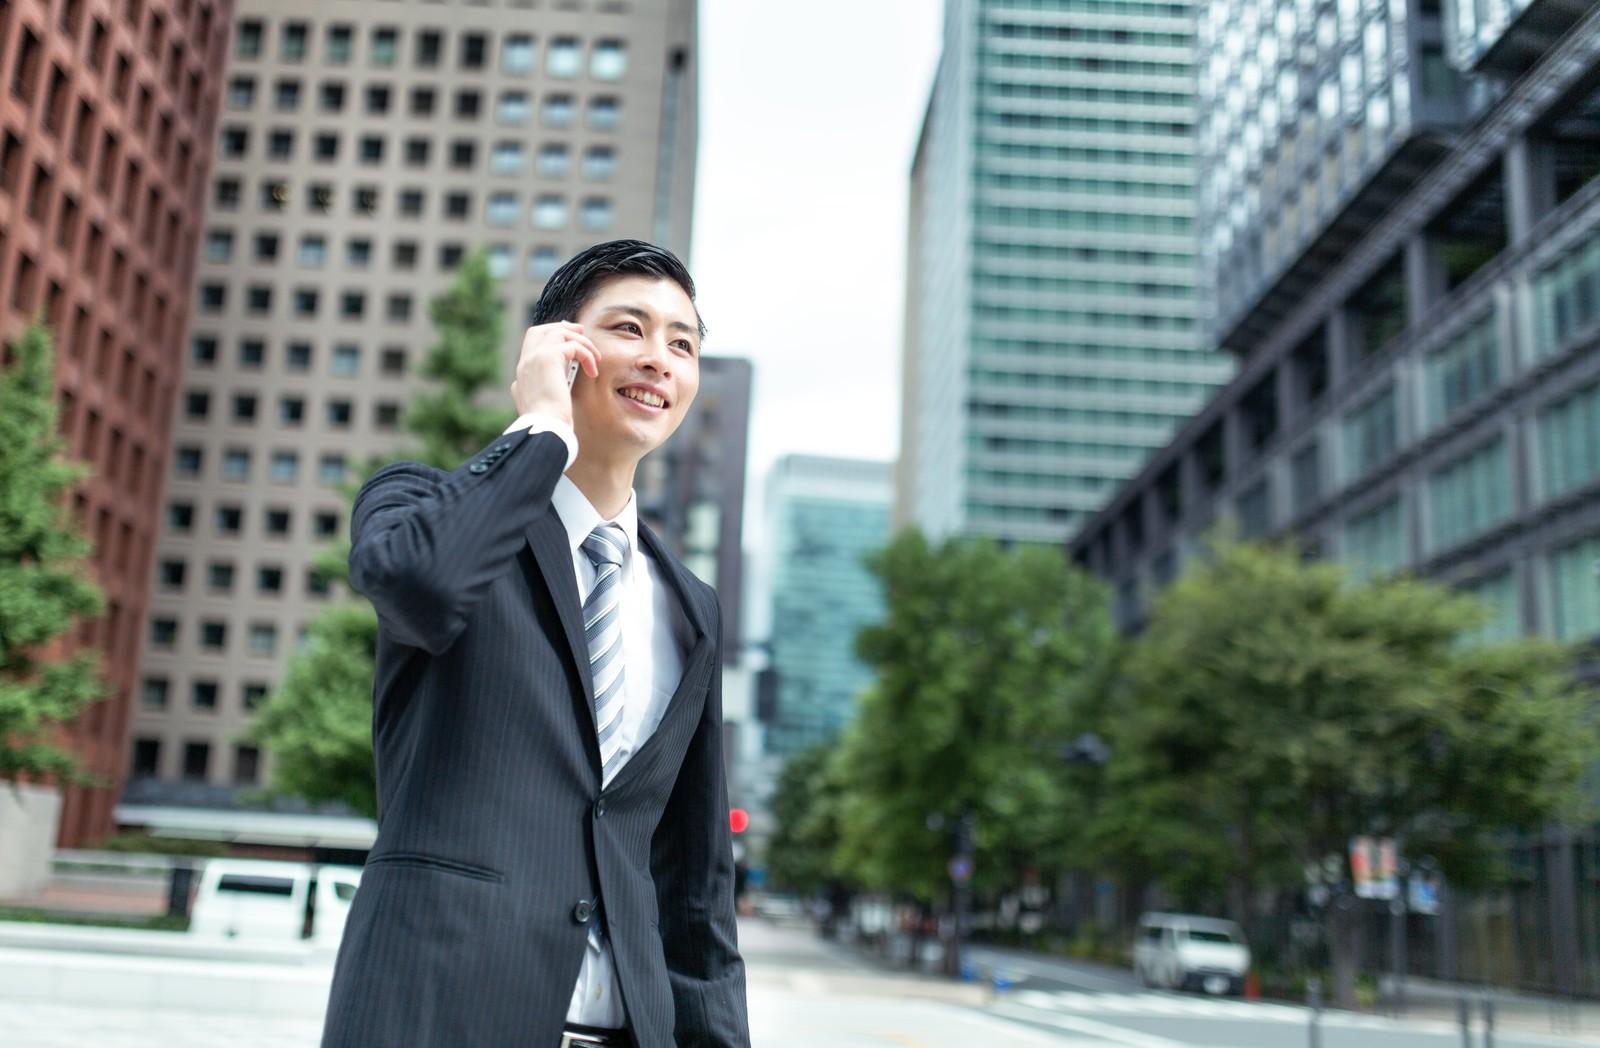 企業 東証 一 部 上場 一部上場企業ってどんな企業?働くメリットや貰える給与を解説!